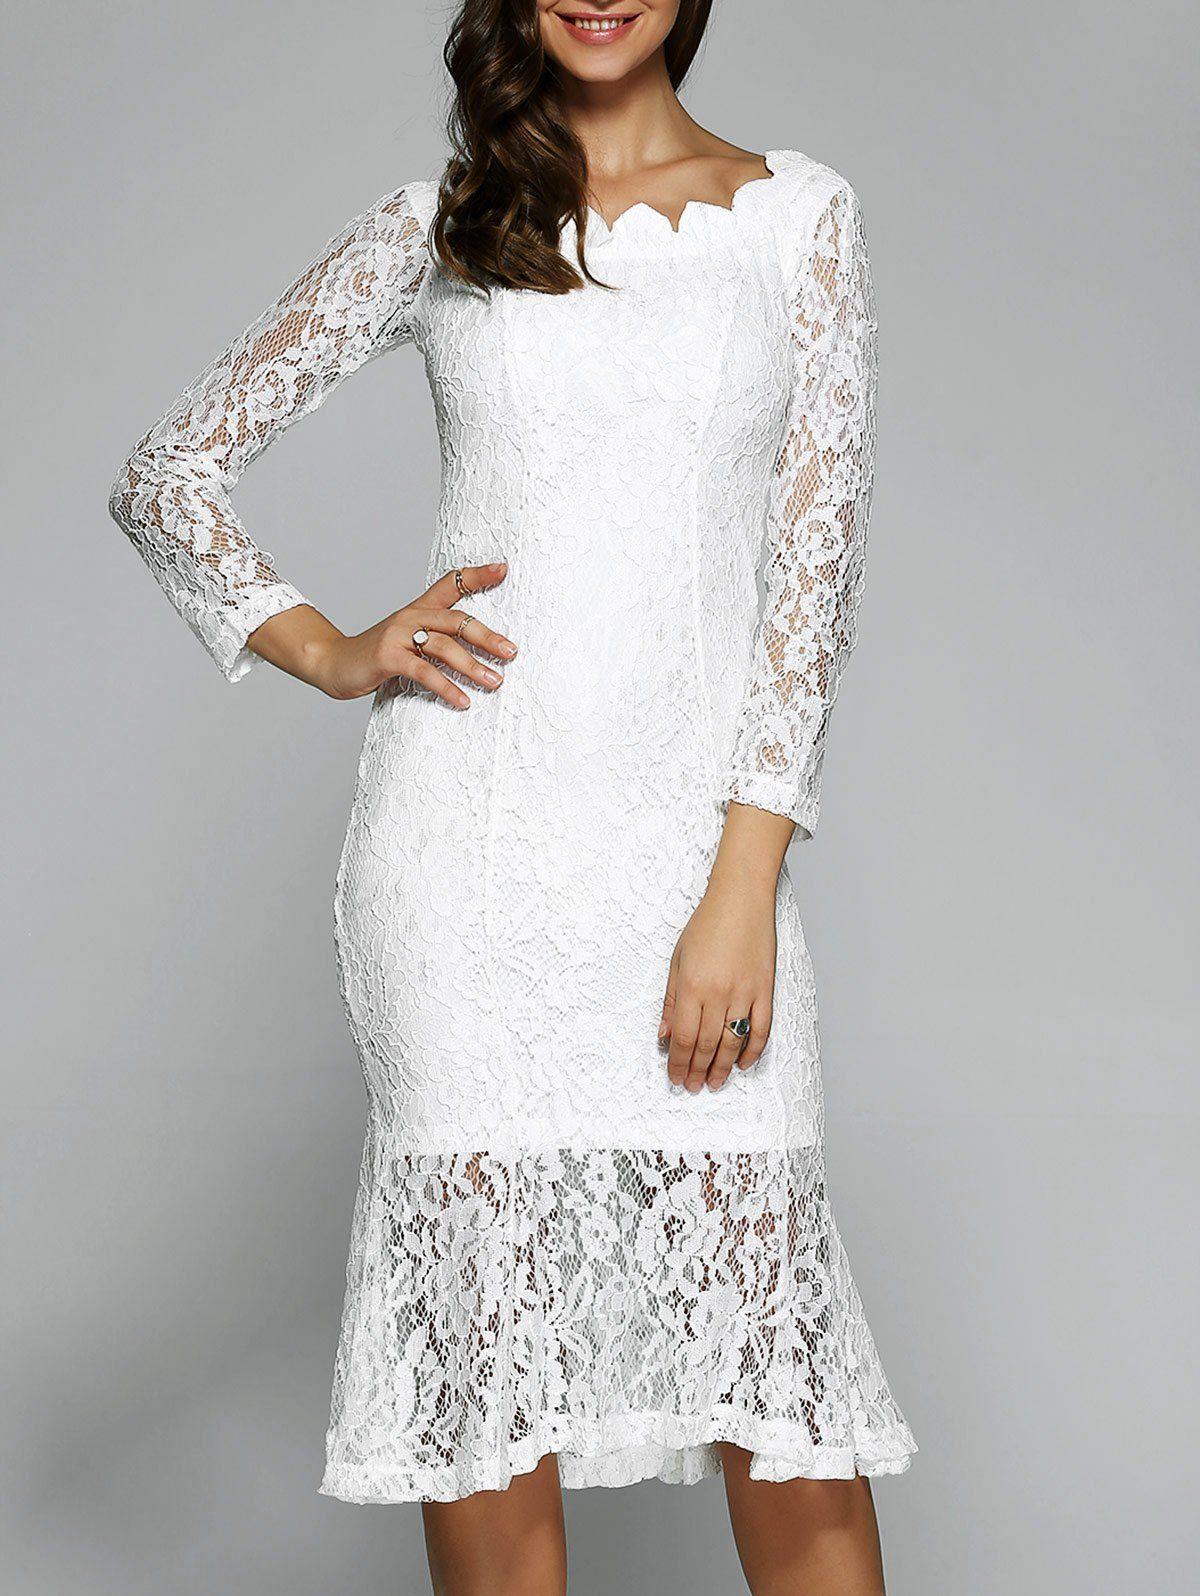 Long Sleeve Fishtail Lace Dress Midi Dresses Pinterest Dresses